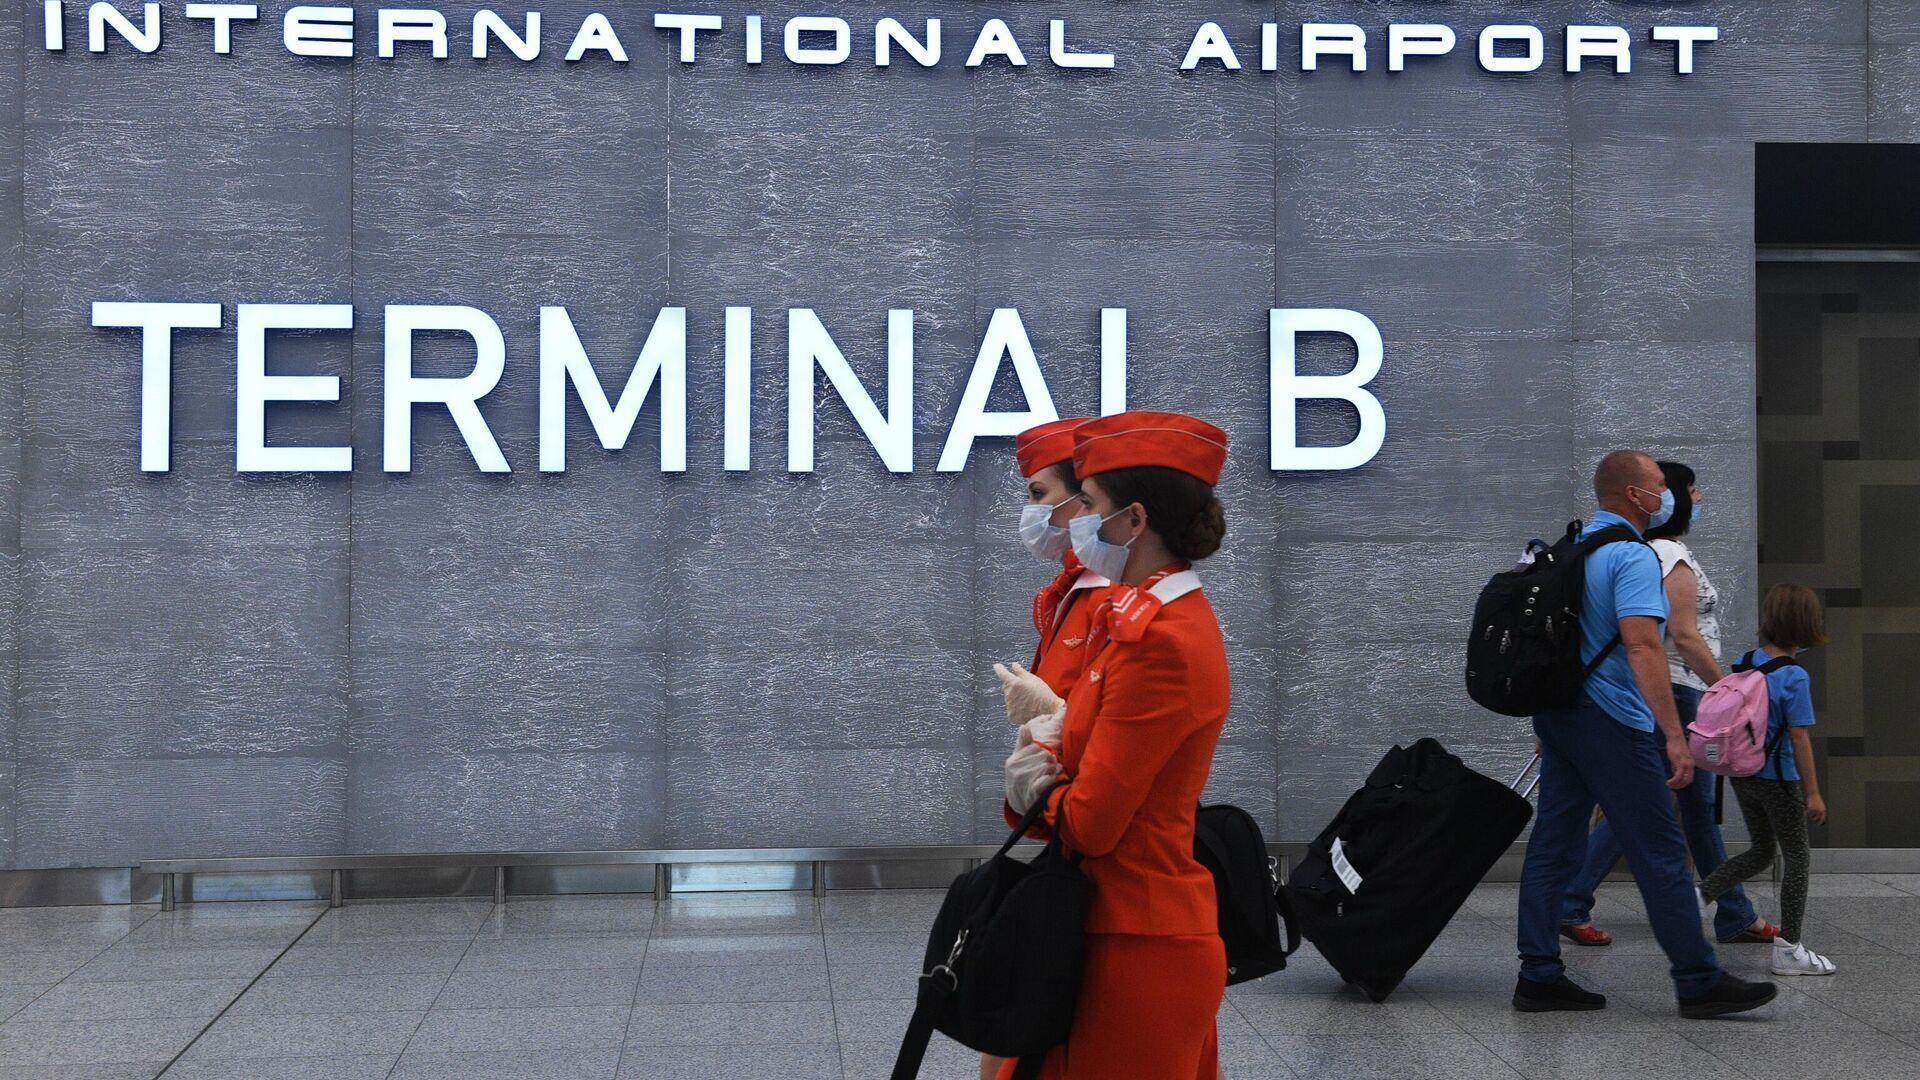 Пассажиры и стюардессы в терминале B аэропорта Шереметьево - РИА Новости, 1920, 16.09.2020